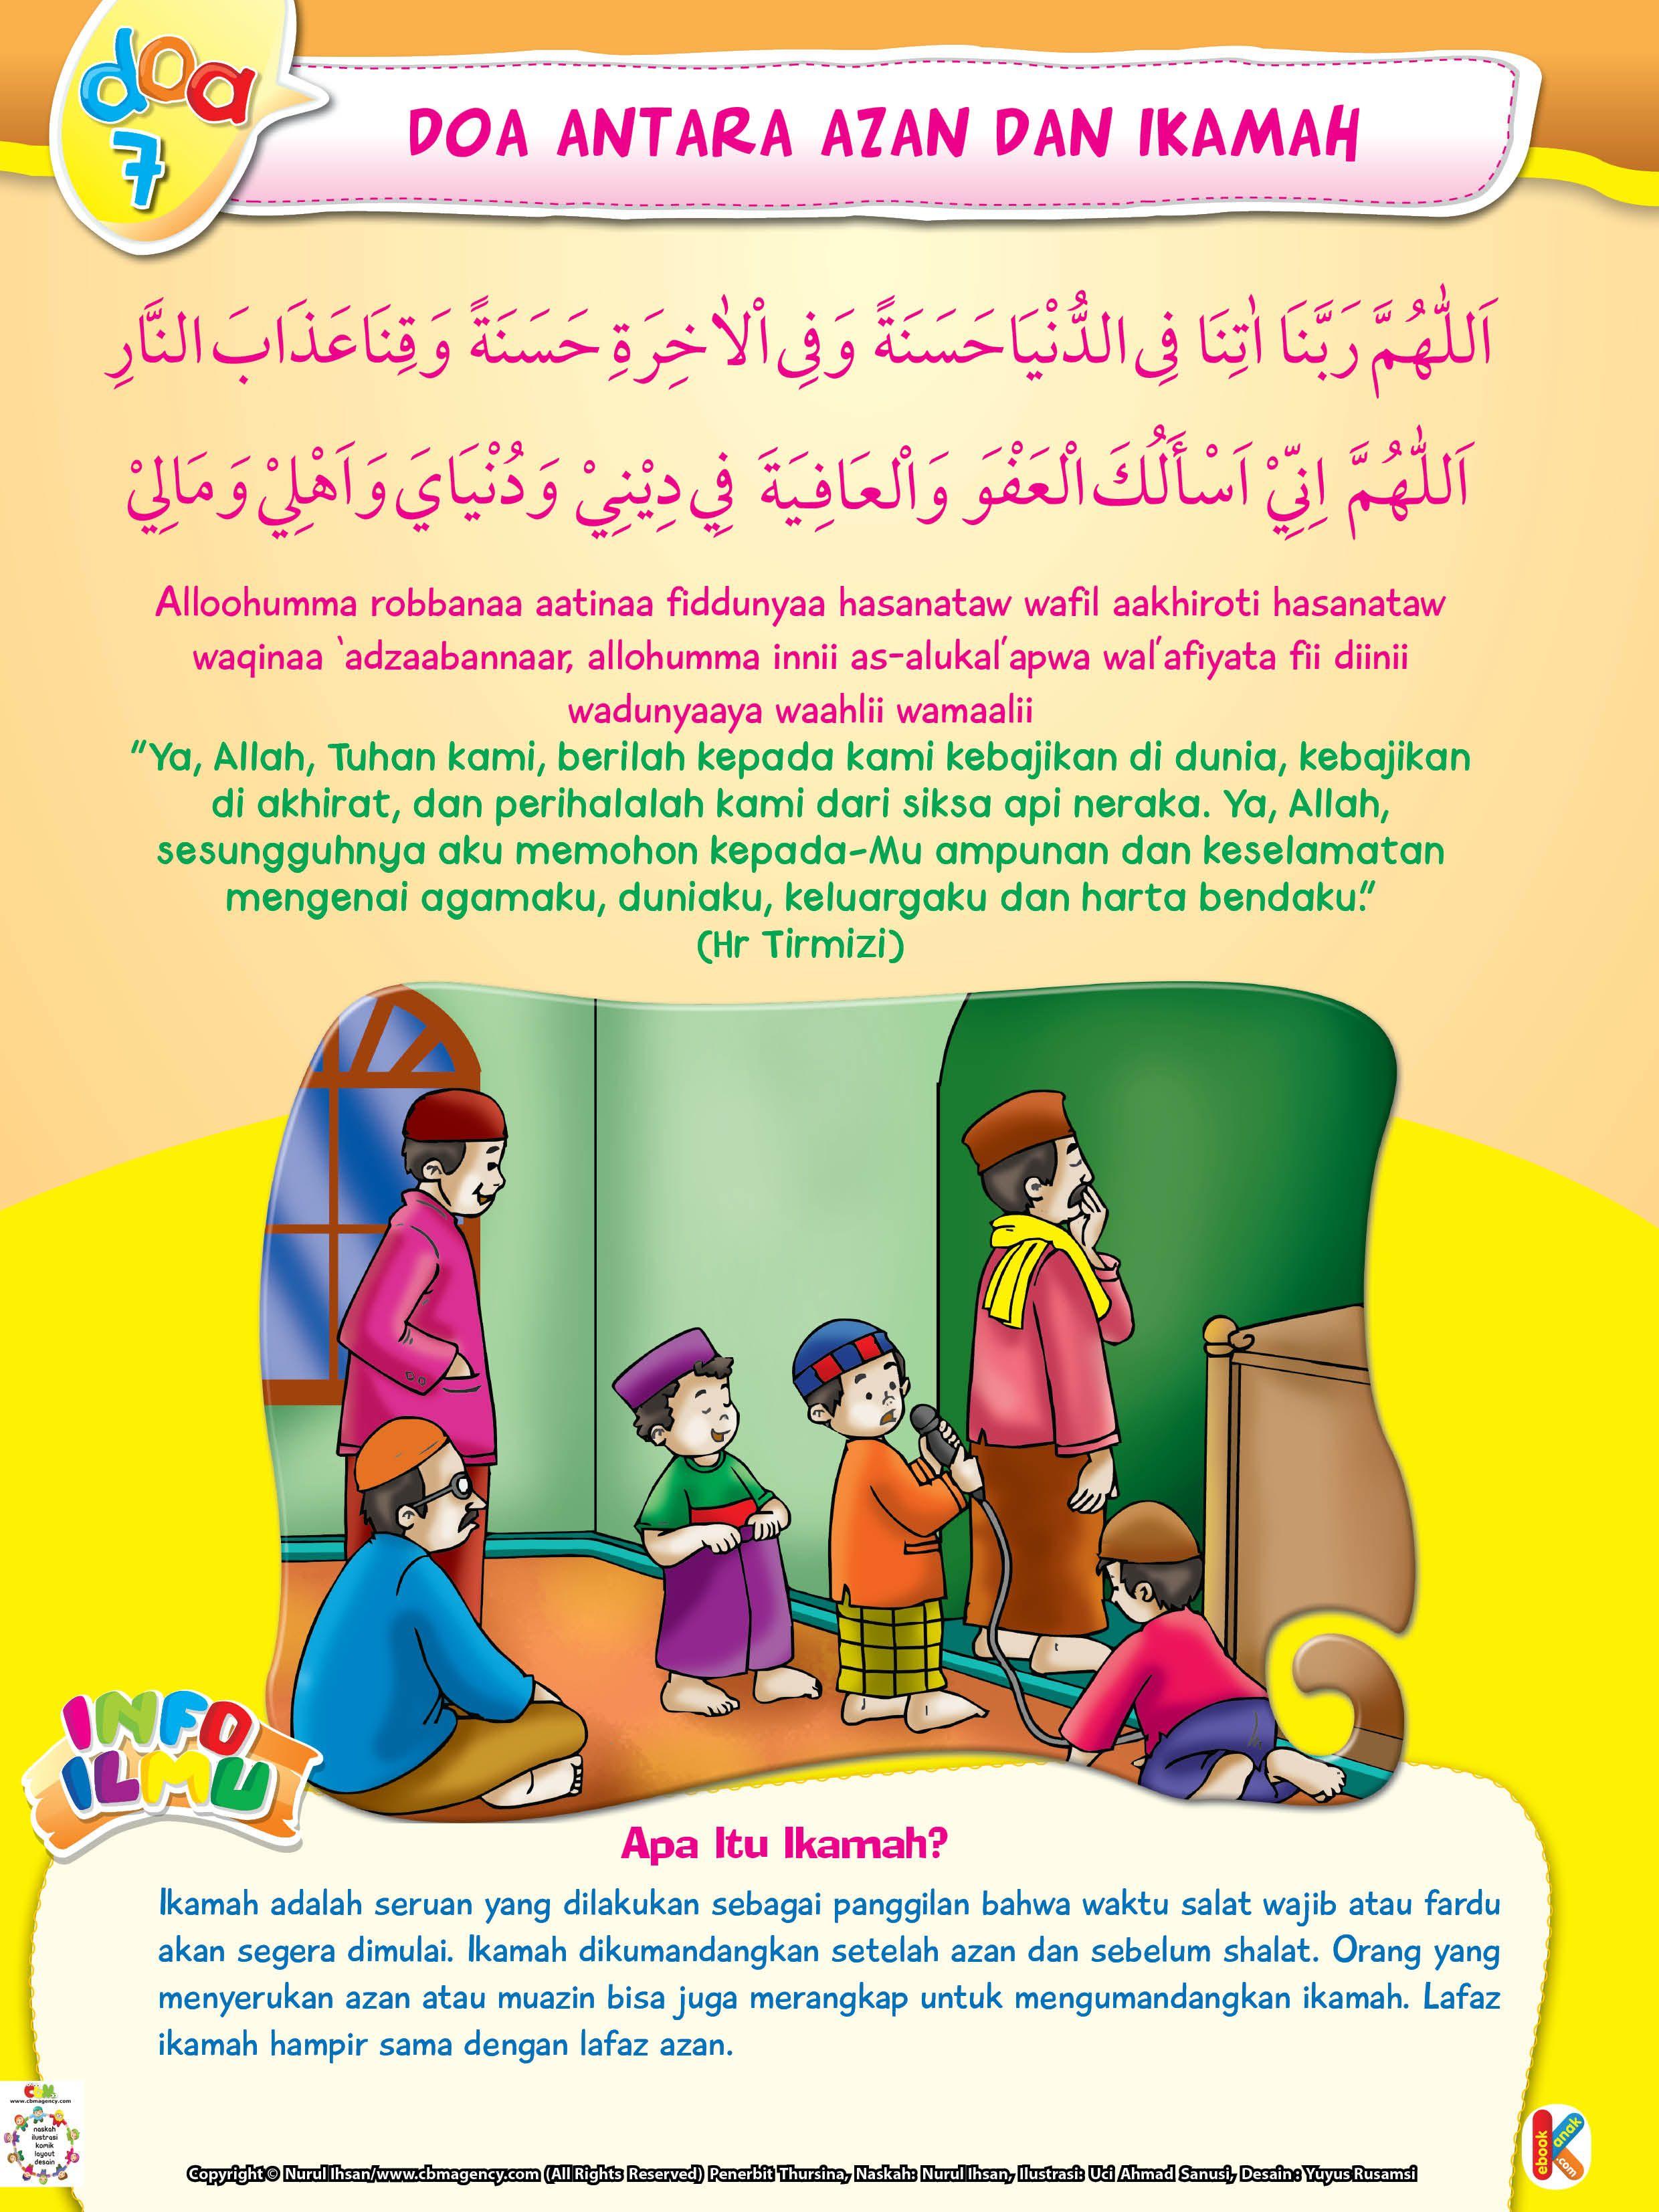 Doa Antara Azan Dan Ikamah Doa Perawatan Anak Dan Kutipan